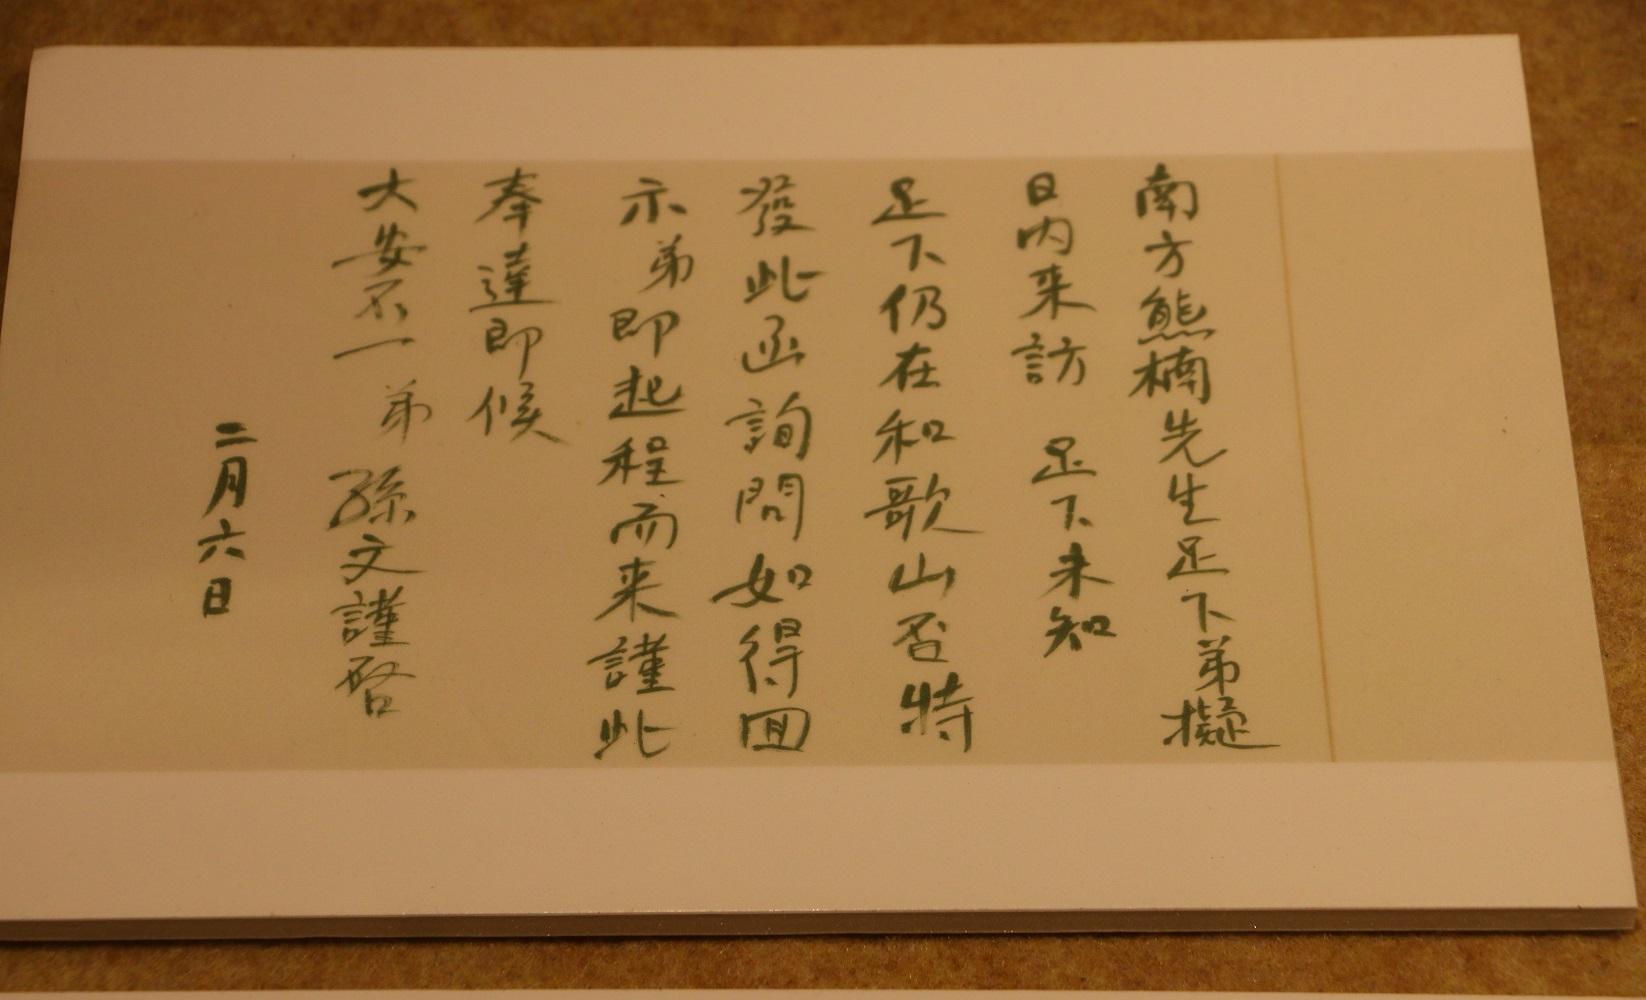 孫中山寄予南方熊楠的書信(1901.2.6)